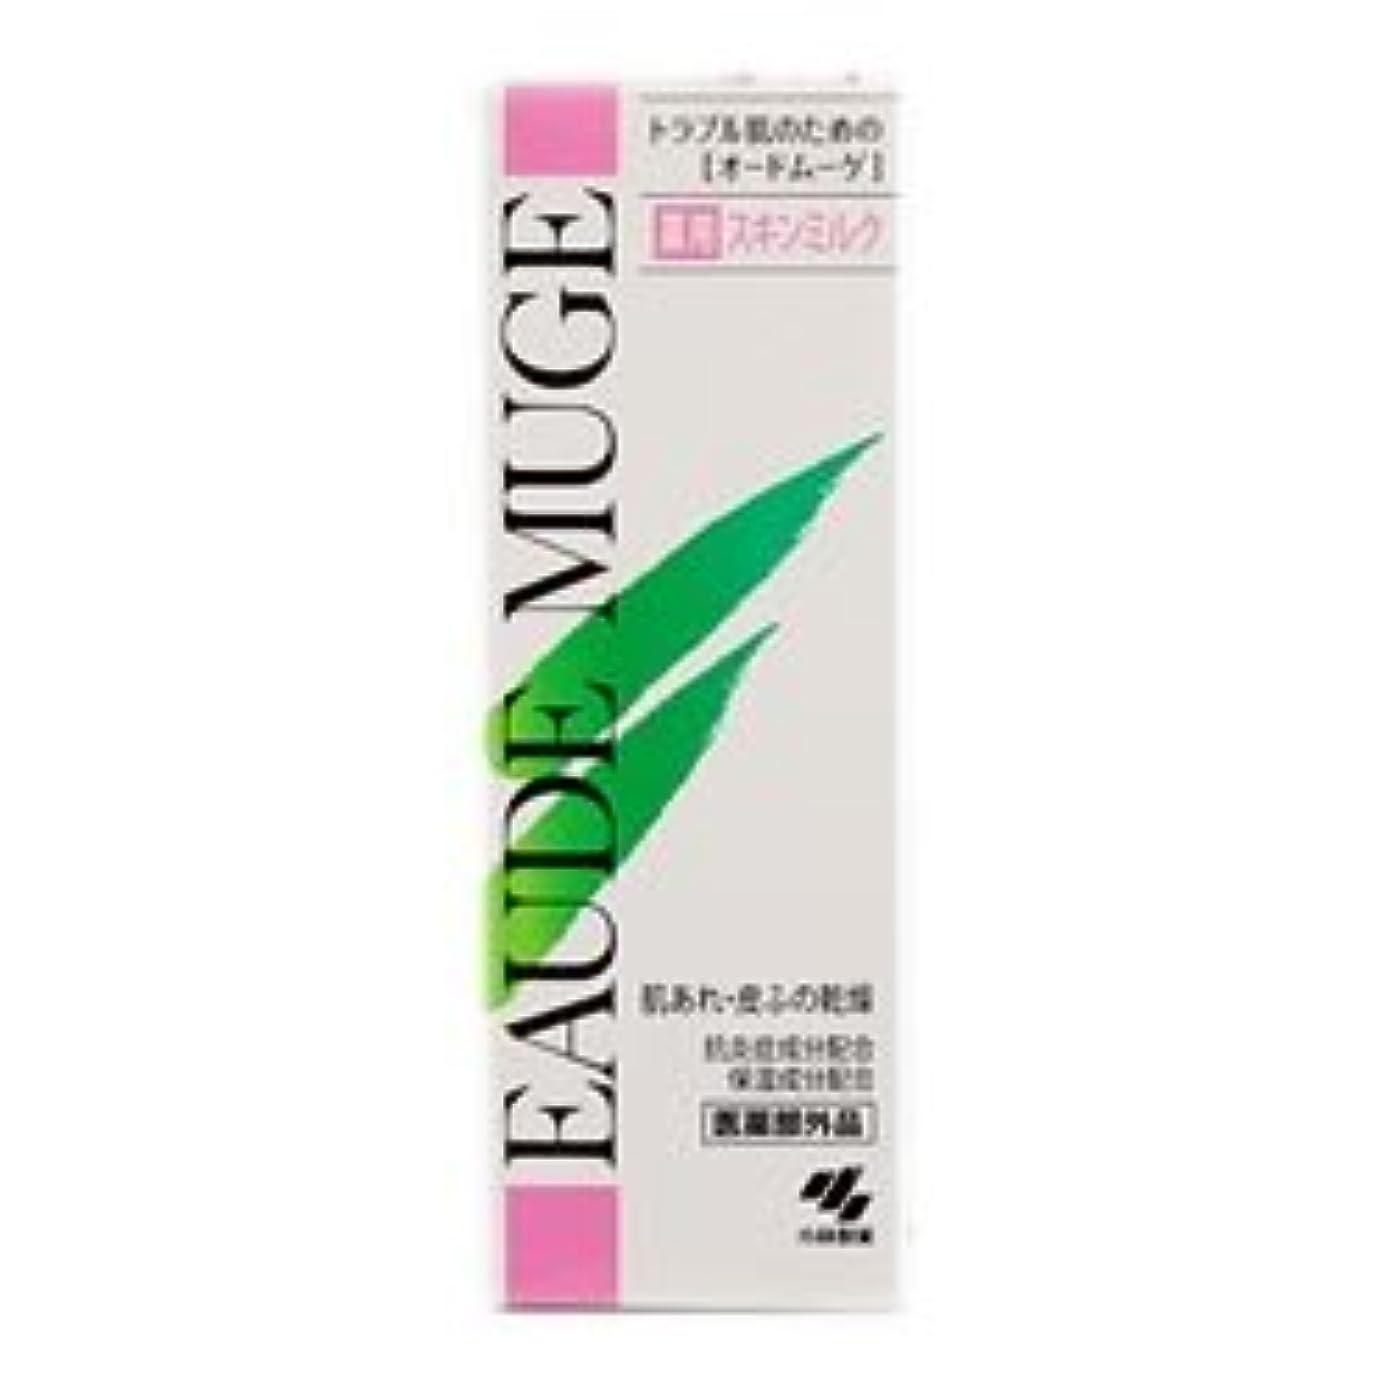 拡張永久に代わりにを立てる【小林製薬】オードムーゲ薬用スキンミルク 100g ×3個セット